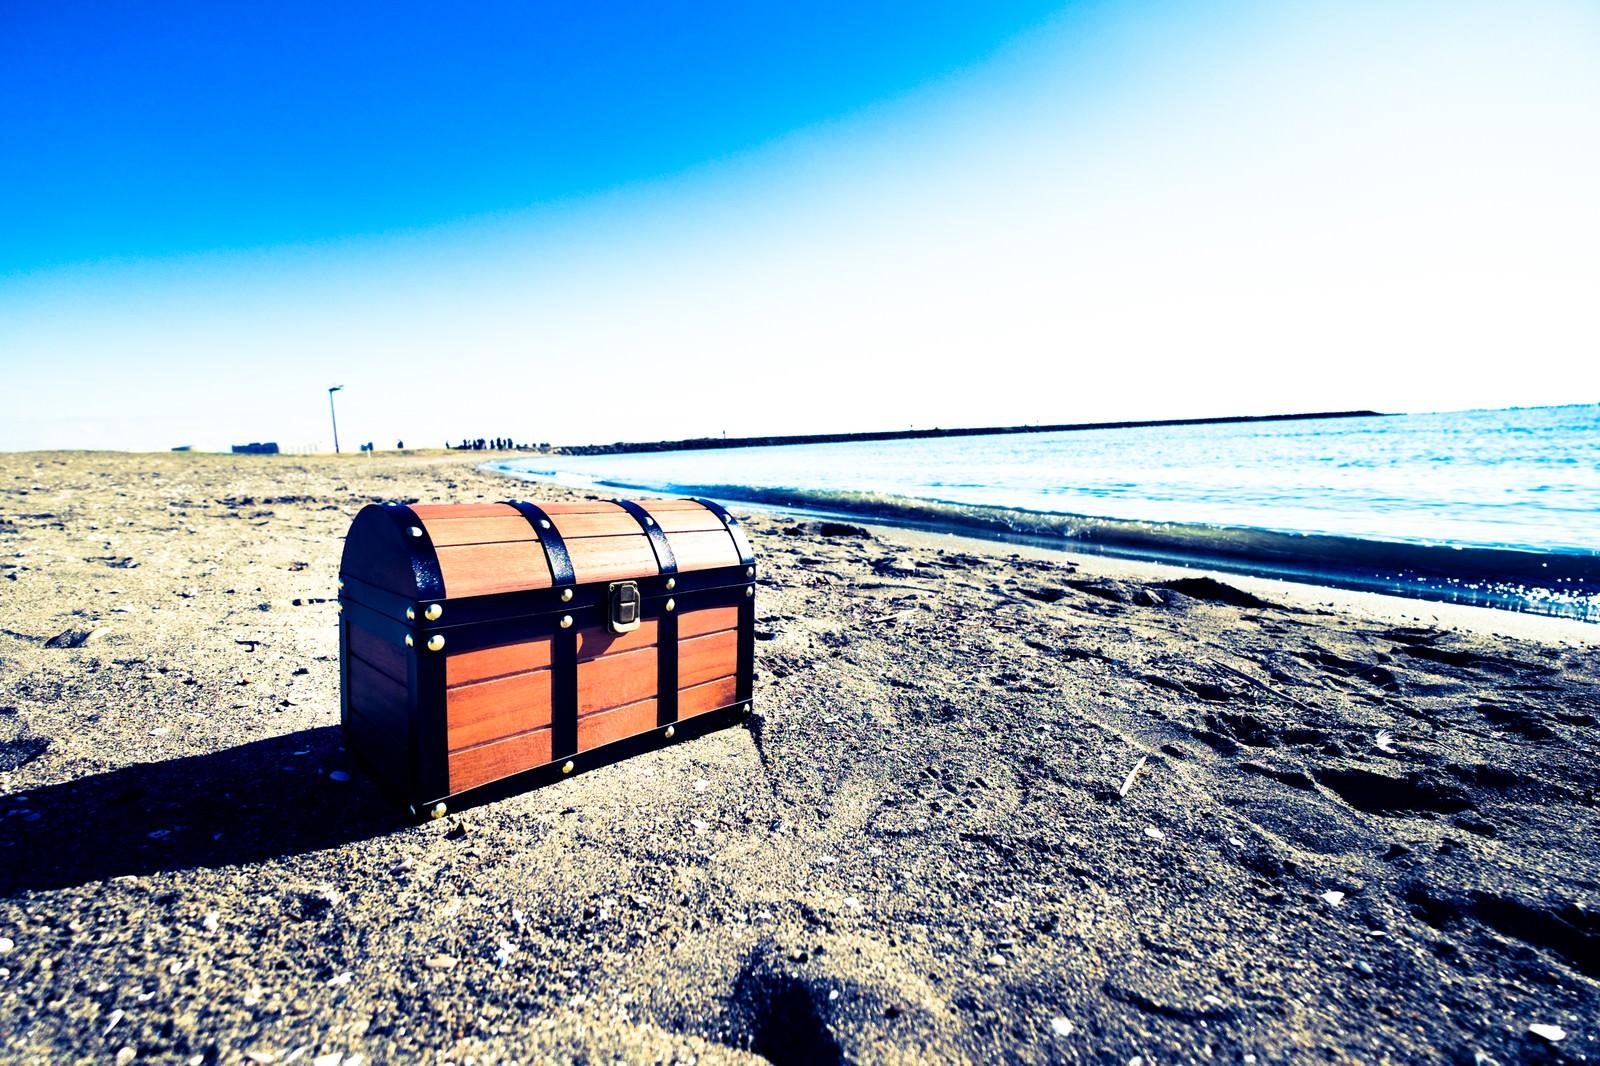 「一宝の海岸線 SS-3一宝の海岸線 SS-3」のフリー写真素材を拡大